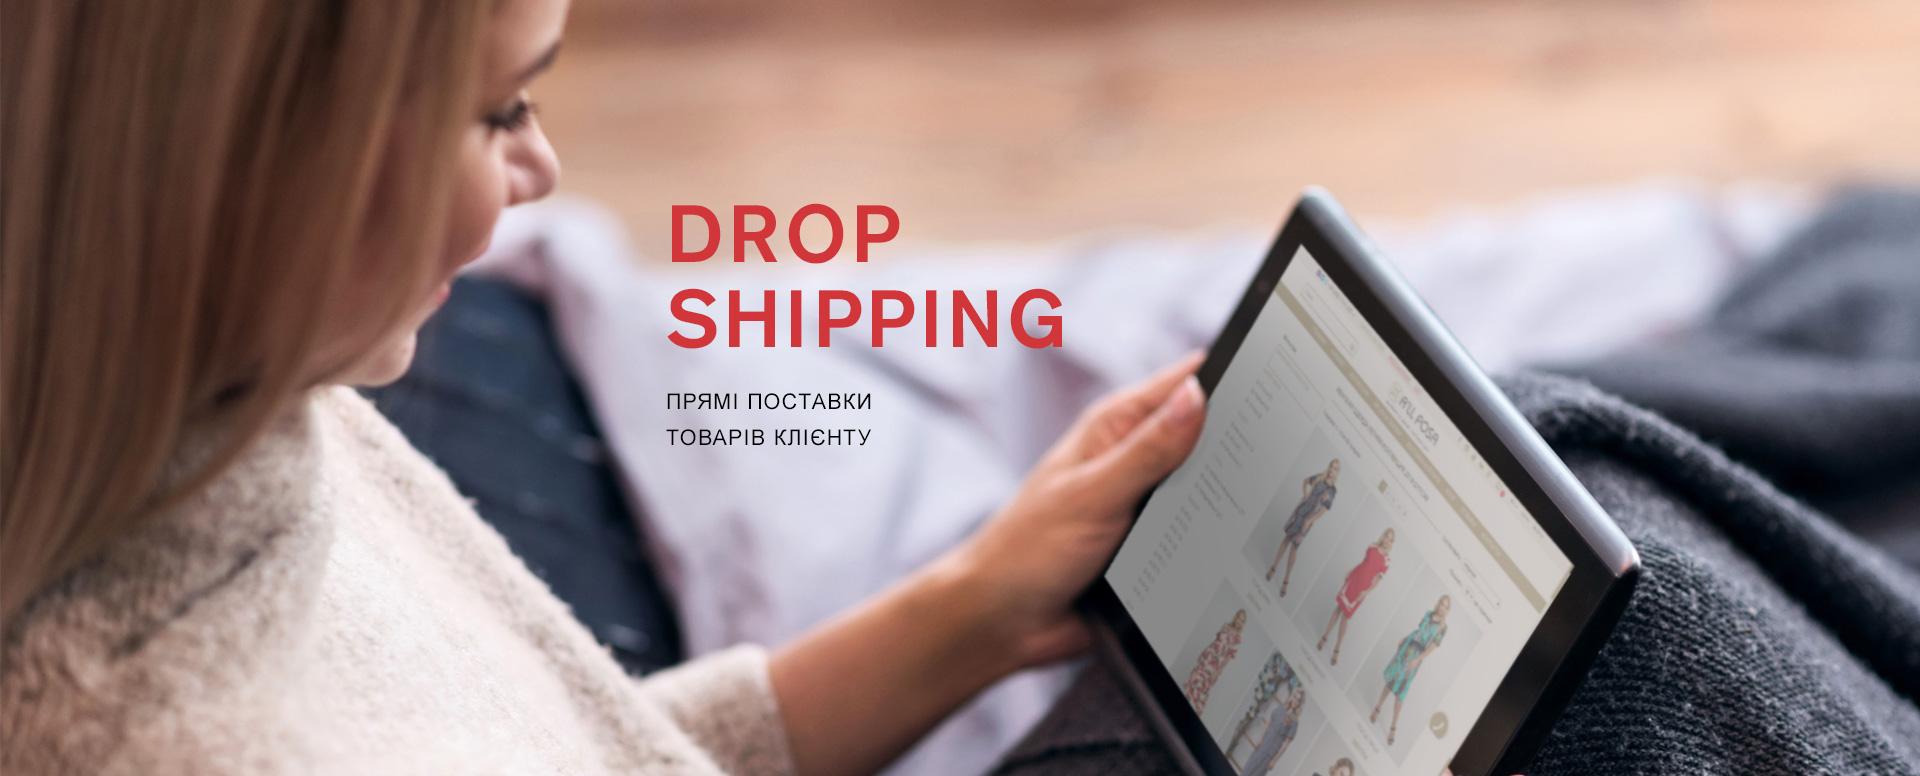 Дропшиппінг - прямі поставки товарів клієнту